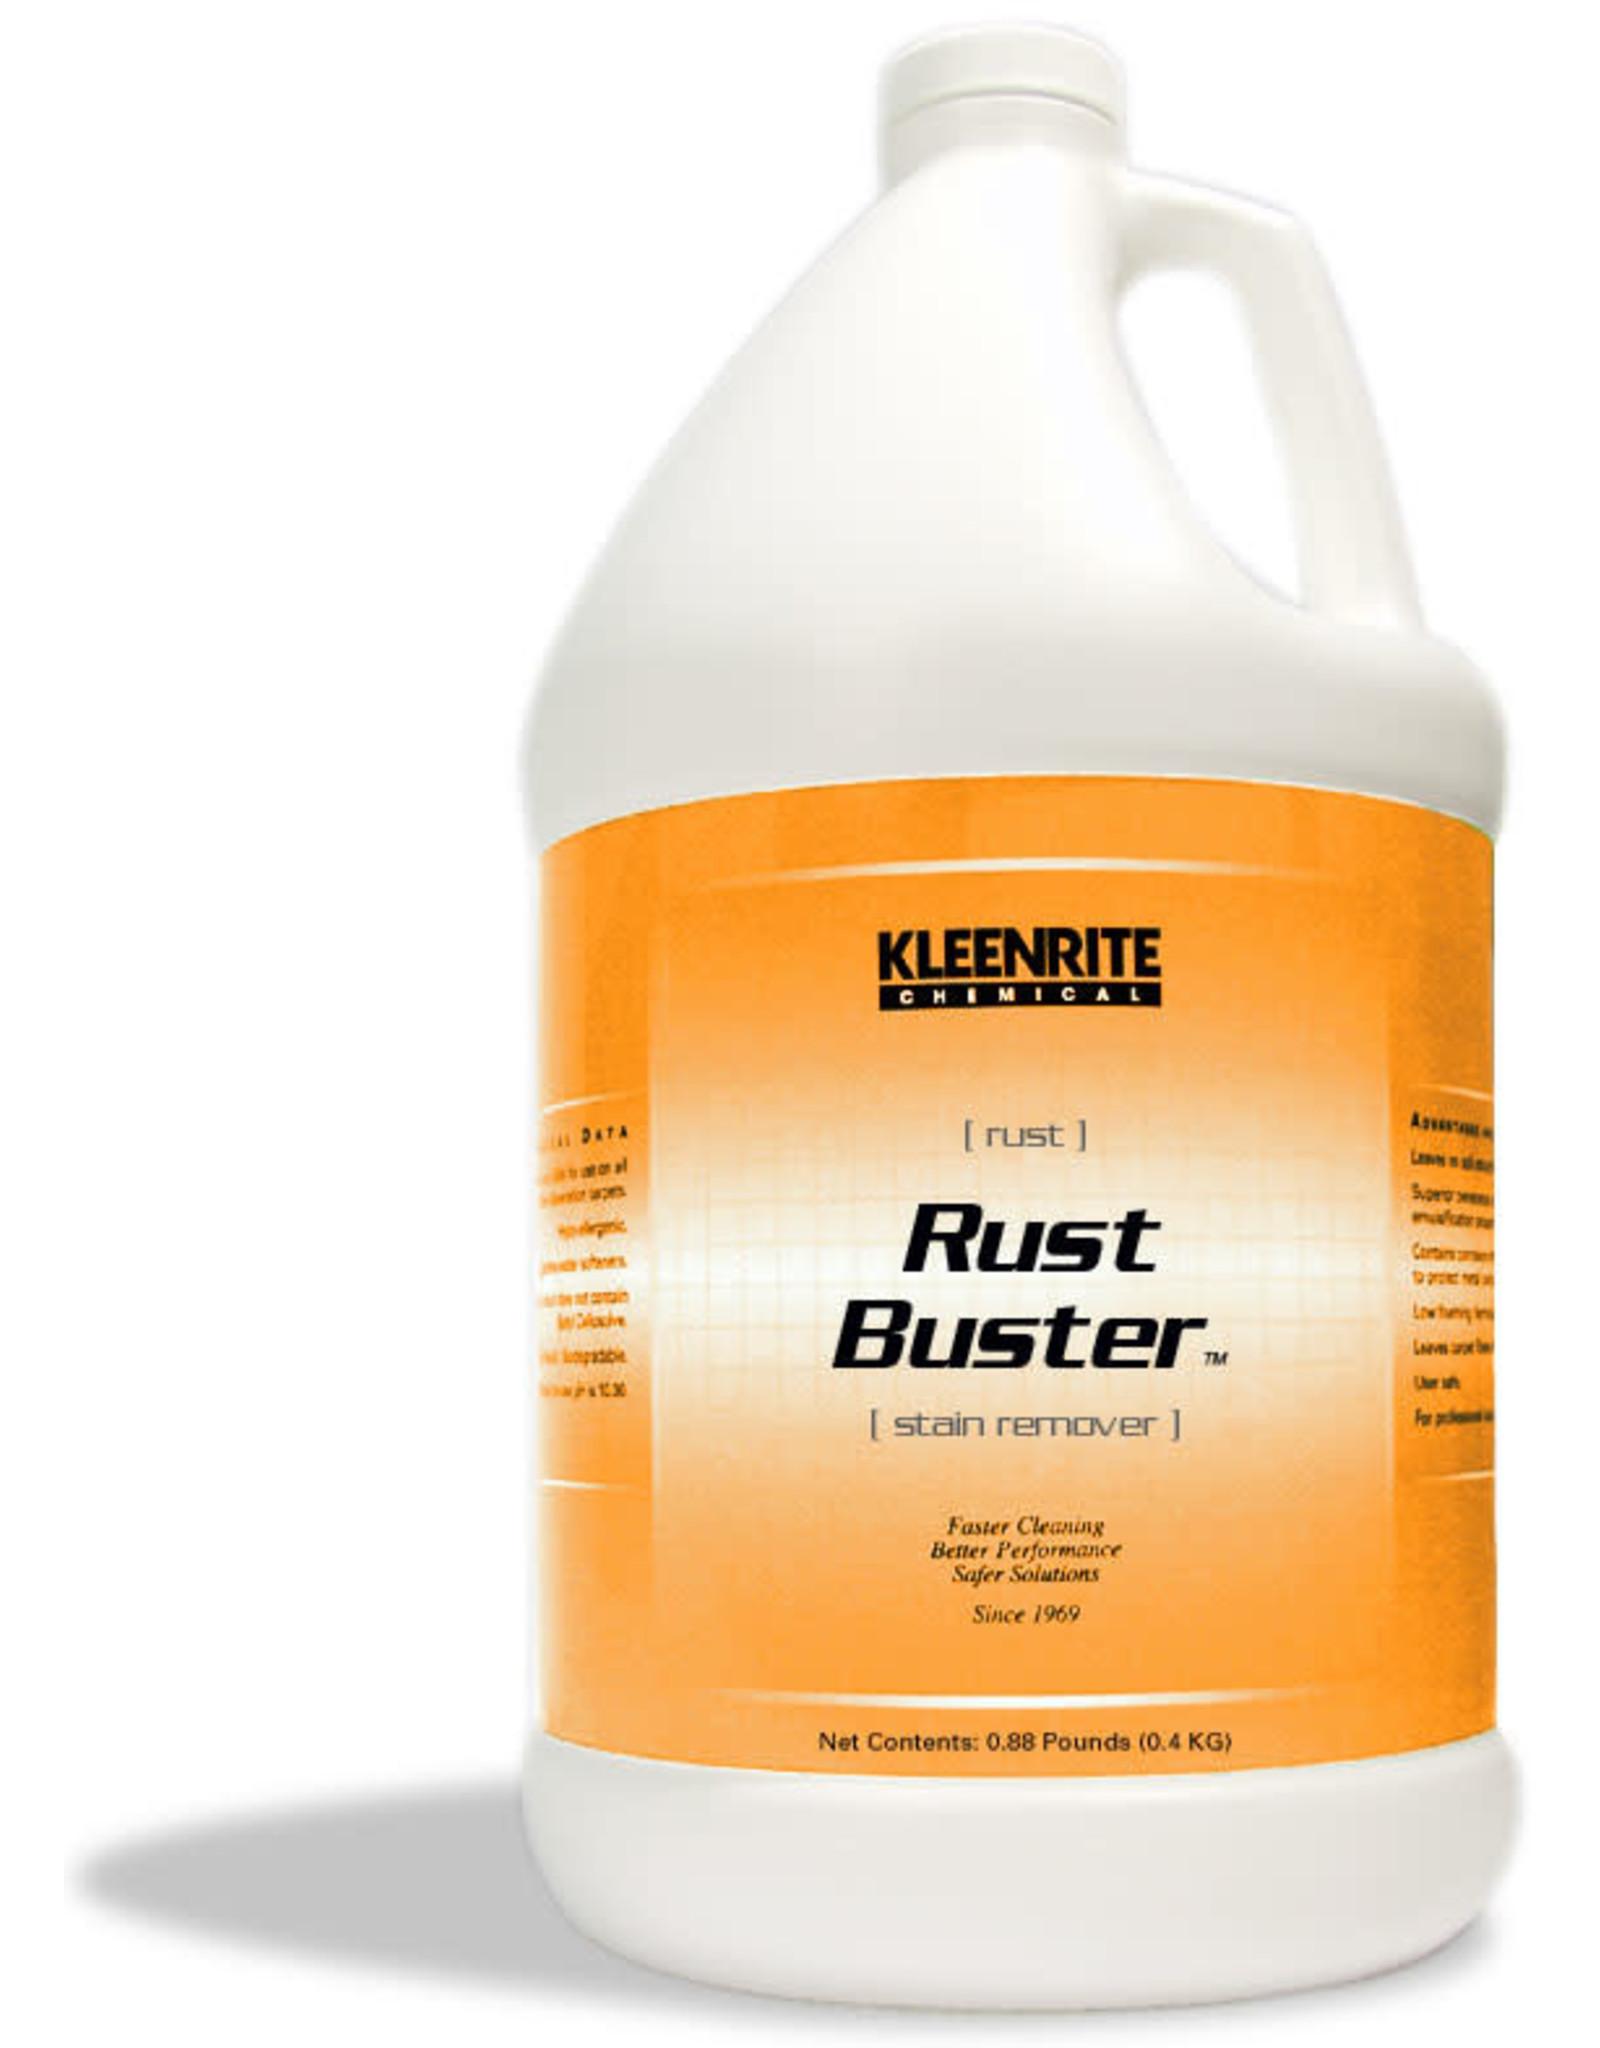 Kleenrite Rust Buster